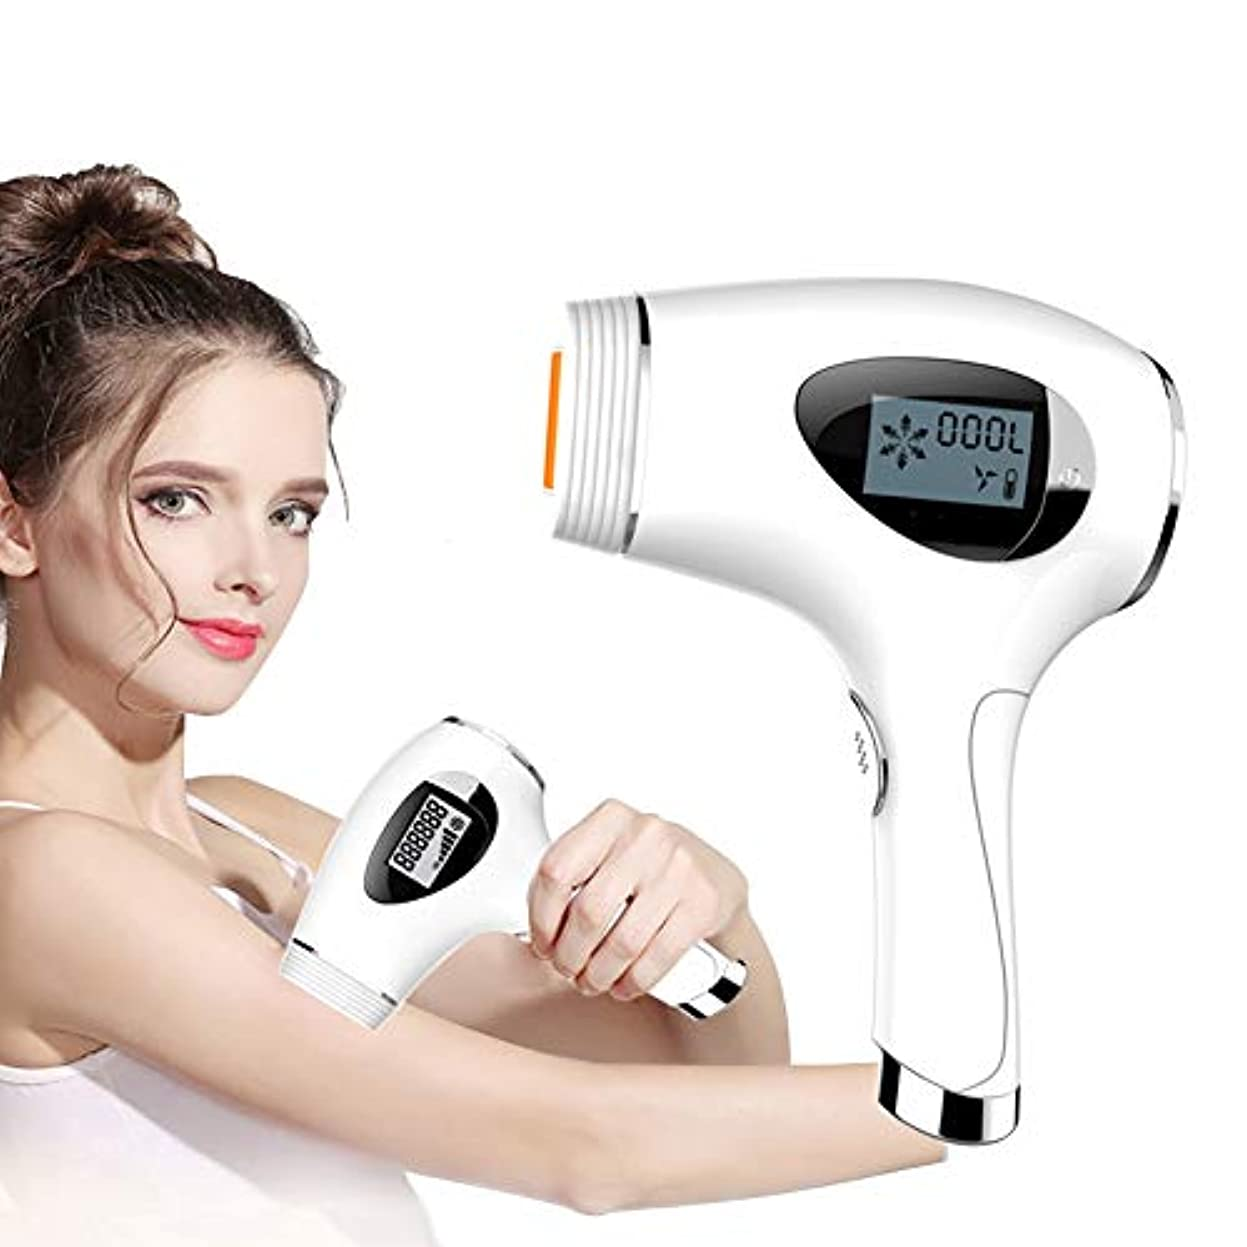 署名さわやか悪性無痛 IPL 脱毛 システム にとって フェイシャル、 ポータブル 肌の若返り 常設 ヘア リムーバー 機械 にとって 女性たち 男性、 30万 点滅 ホームユース 脱毛 にとって 全身